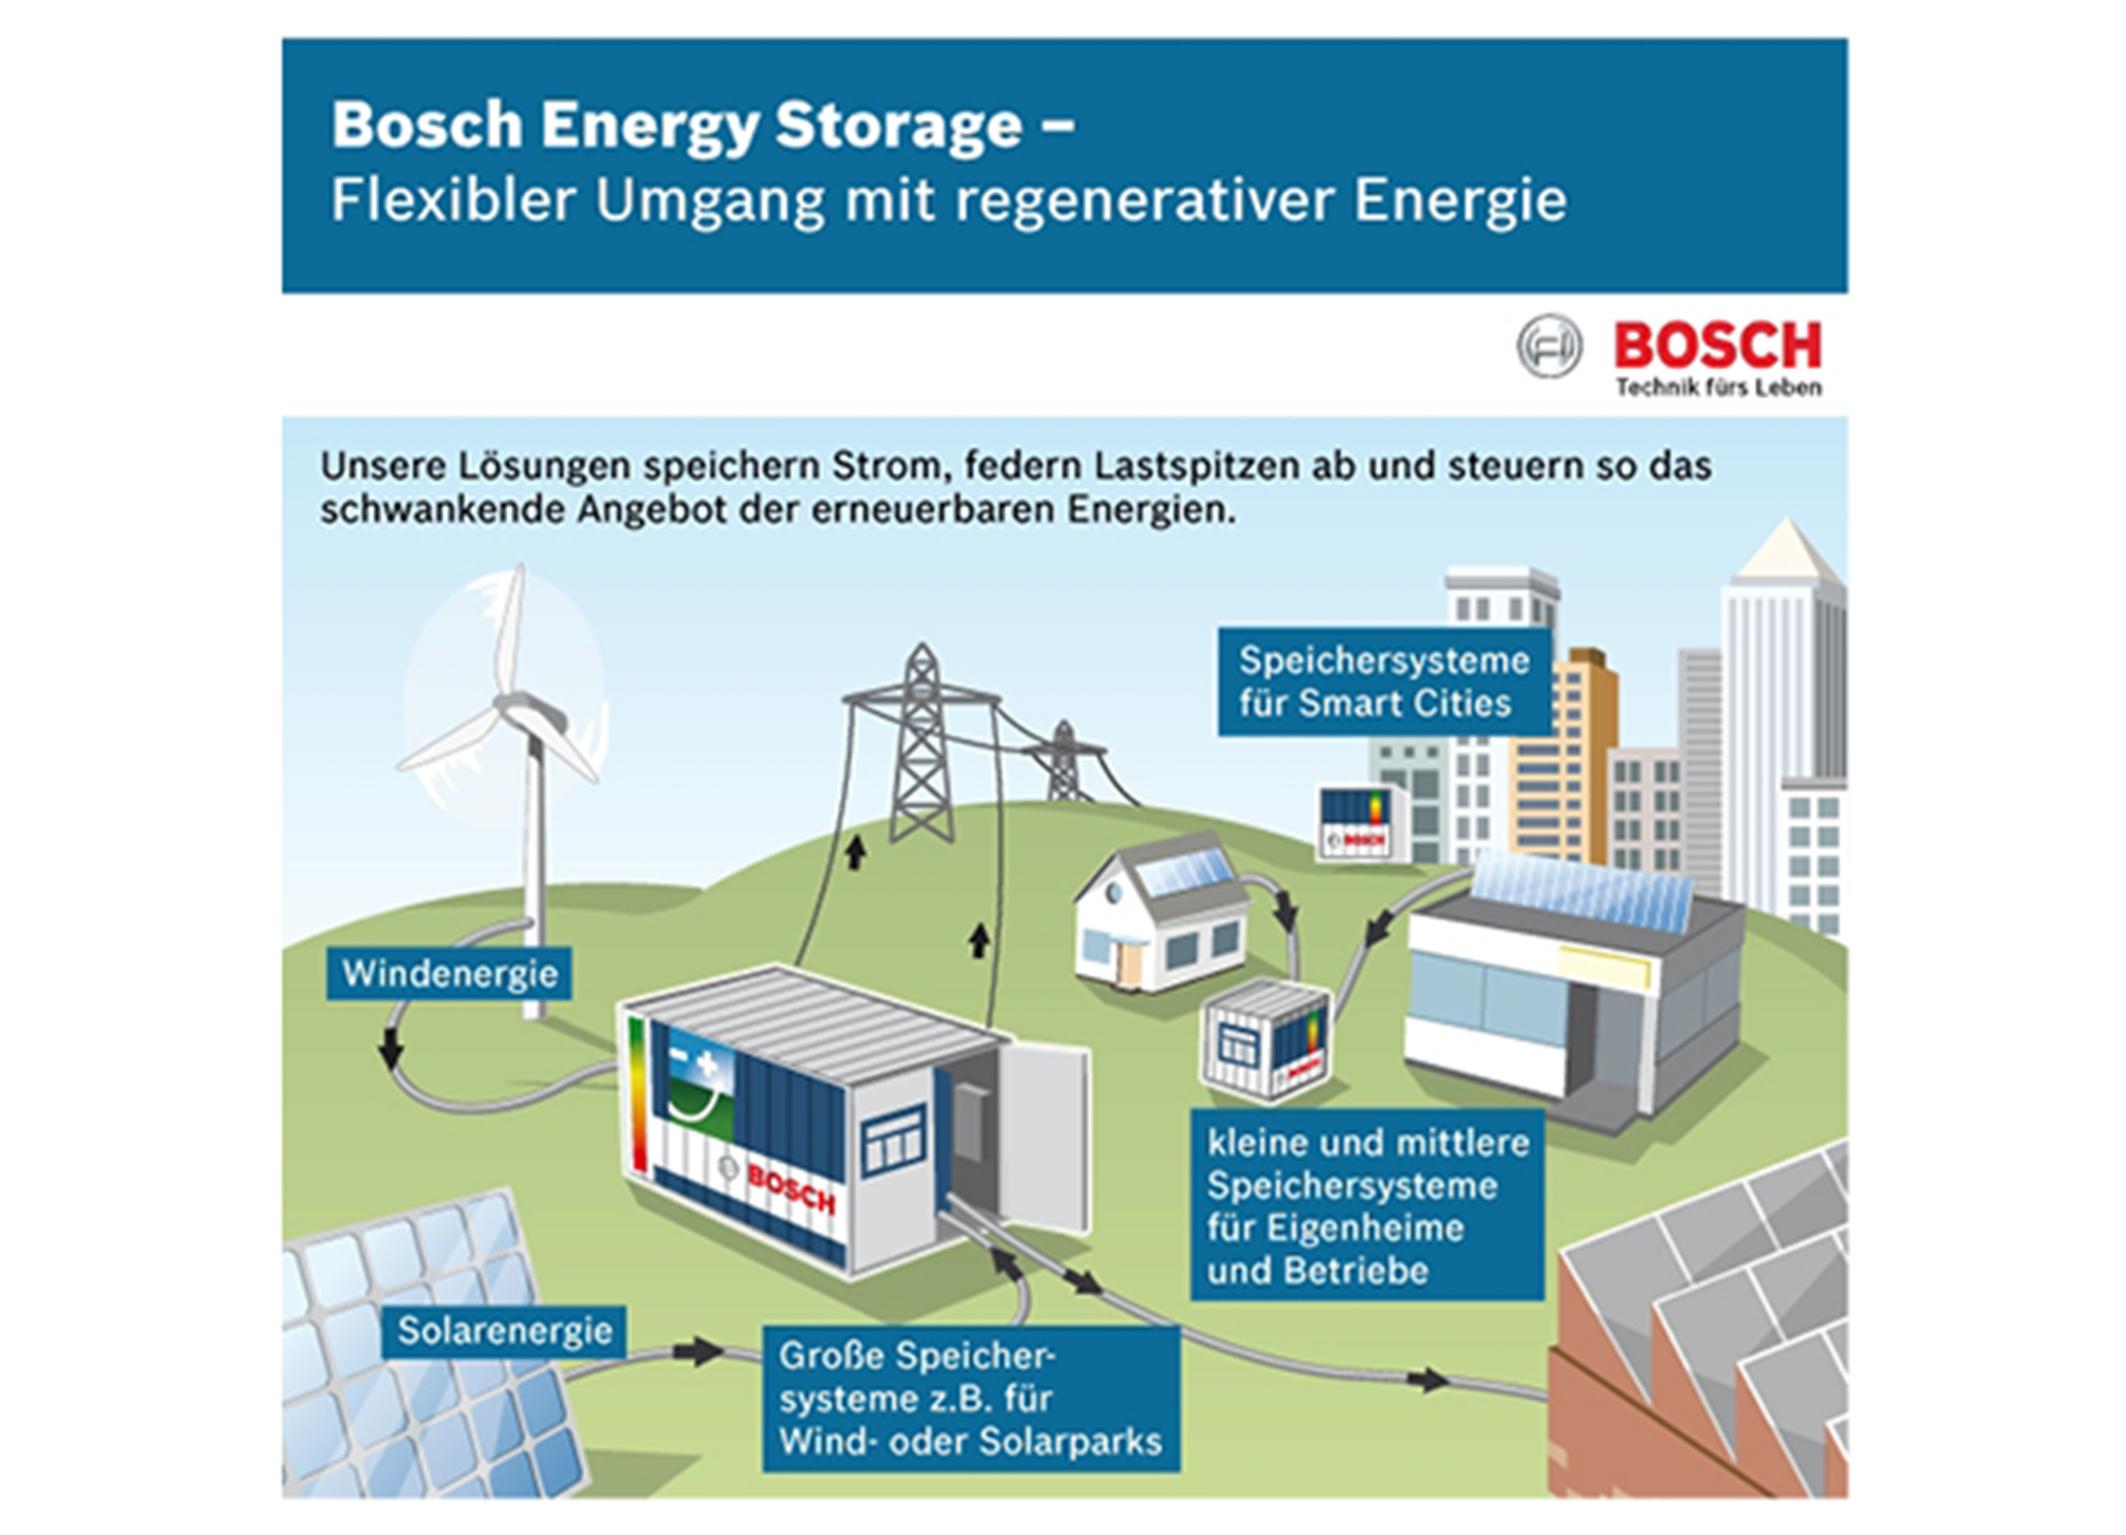 Neue innovative Konzepte zur Integration von erneuerbaren Energien in das Stromnetz